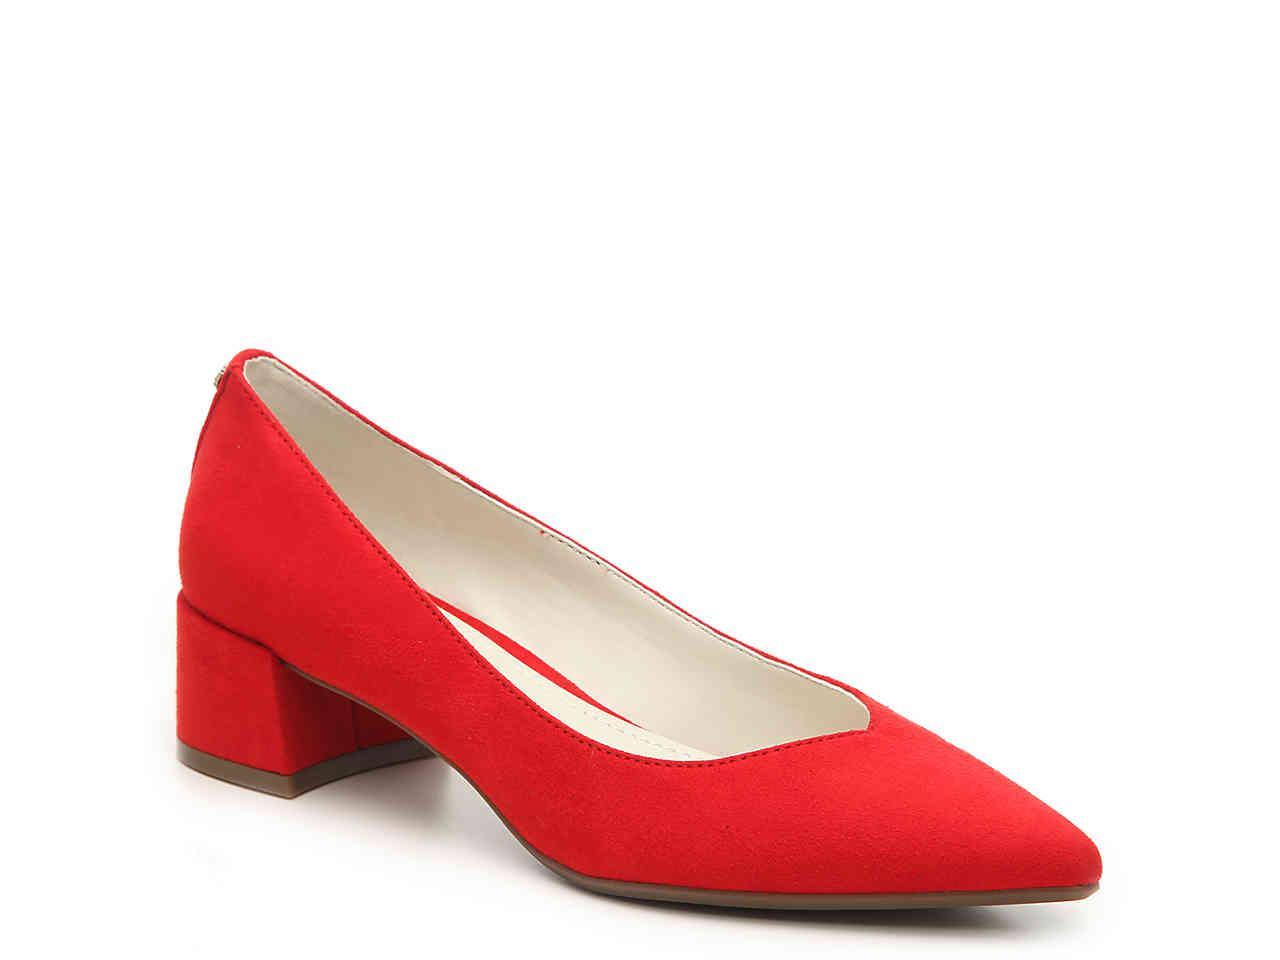 eed9cb89c0a1 Lyst - Anne Klein Nabi Pump in Red